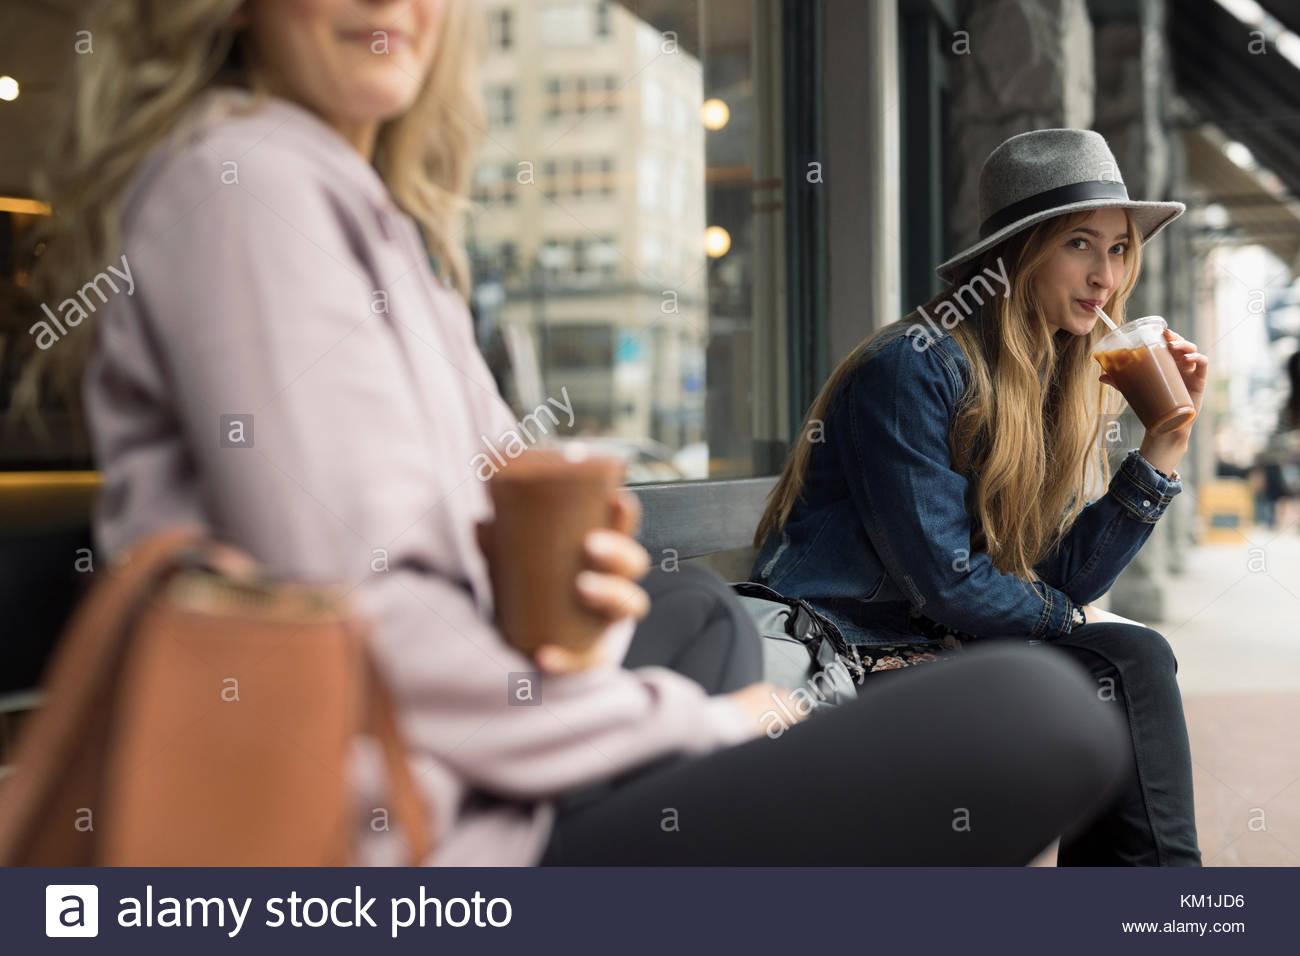 Giovani donne gli amici a bere caffè ghiacciato sul banco a sidewalk cafe Immagini Stock